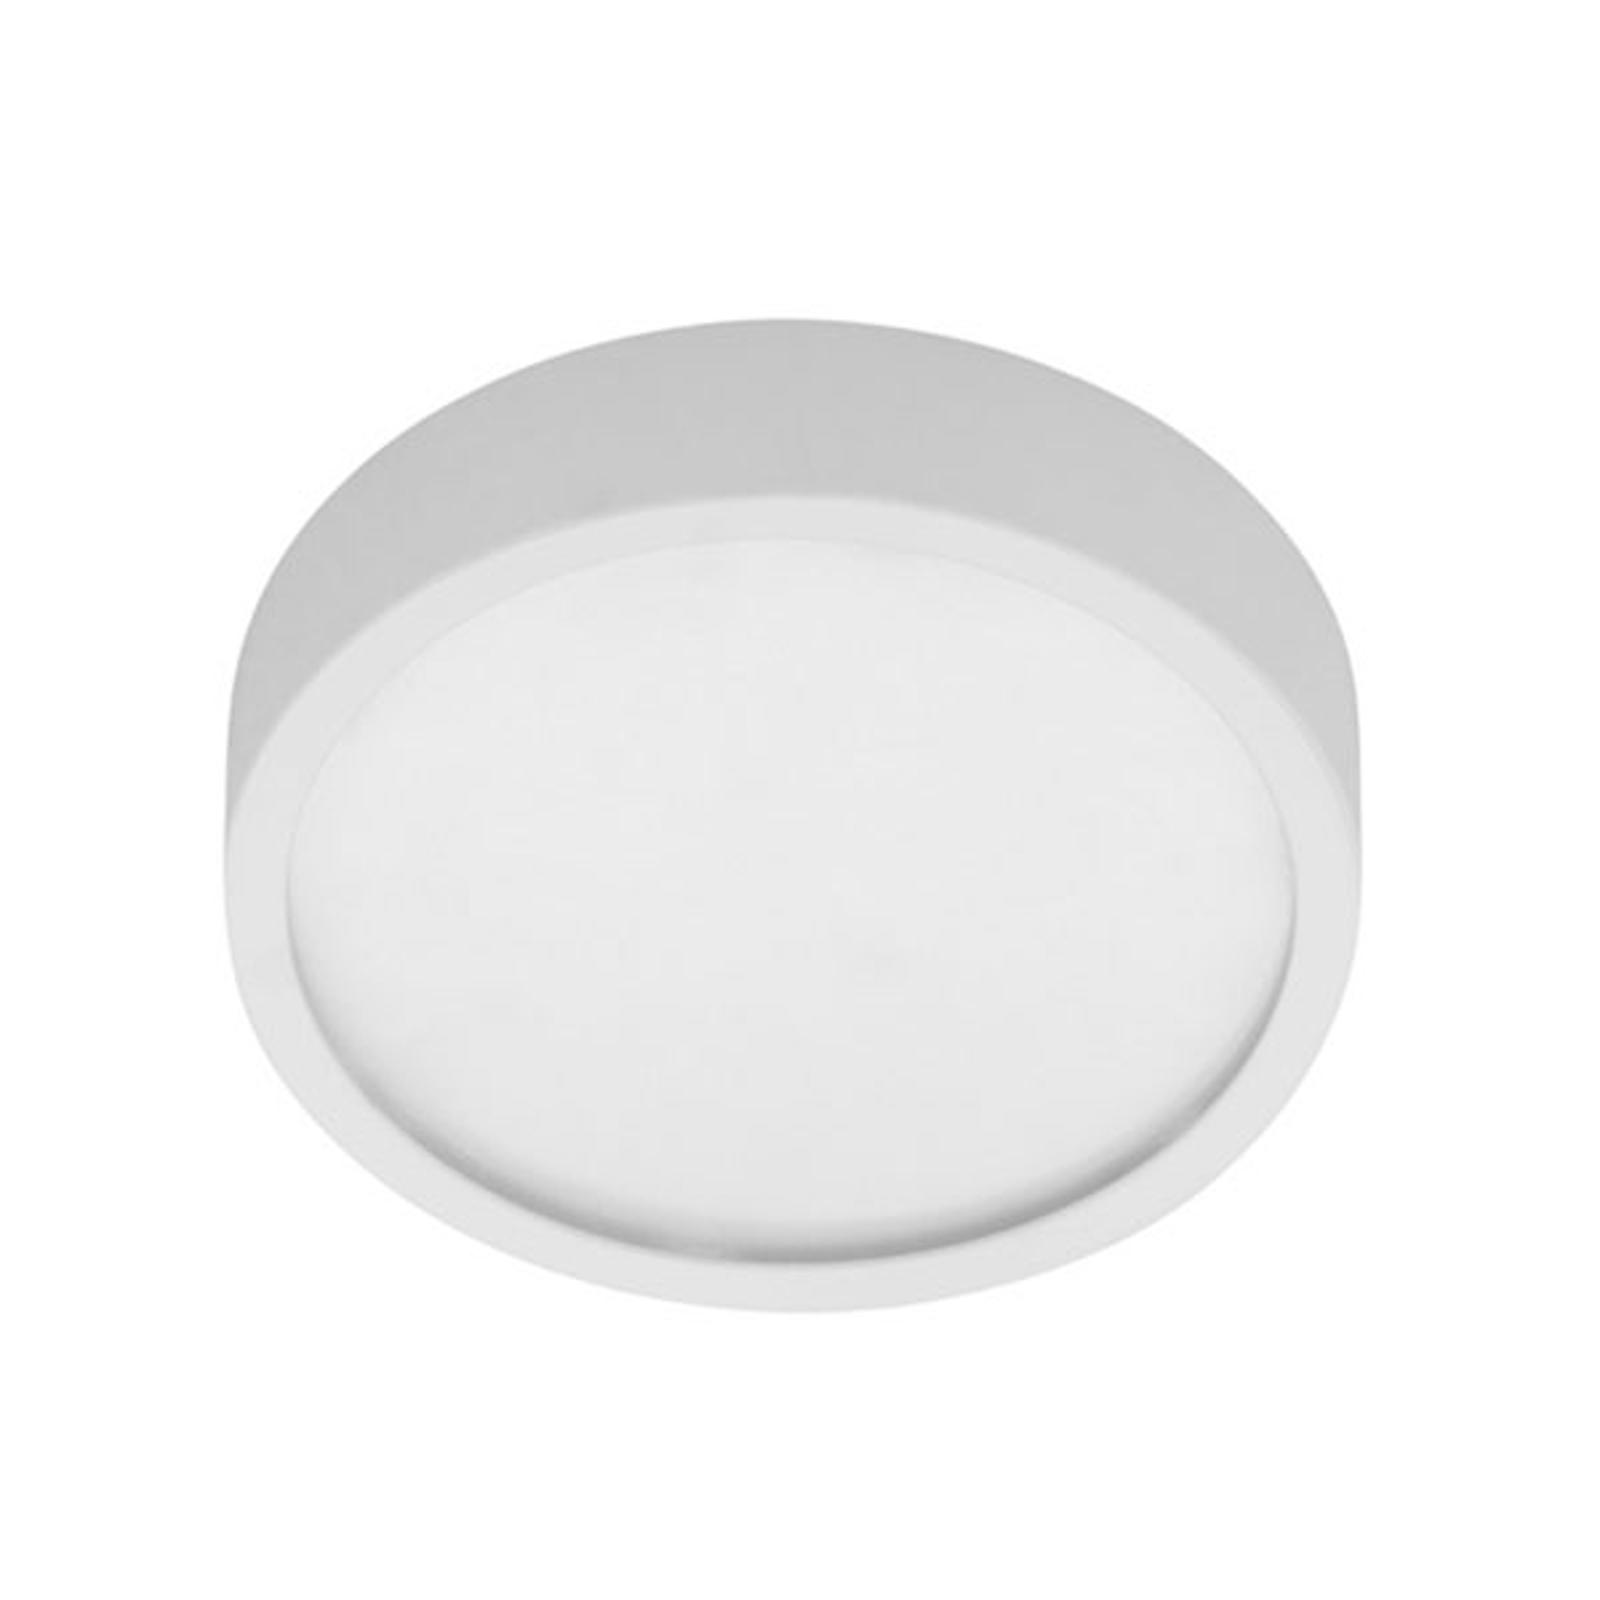 Lampa sufitowa LED, okrągła, 14W, 3000 K